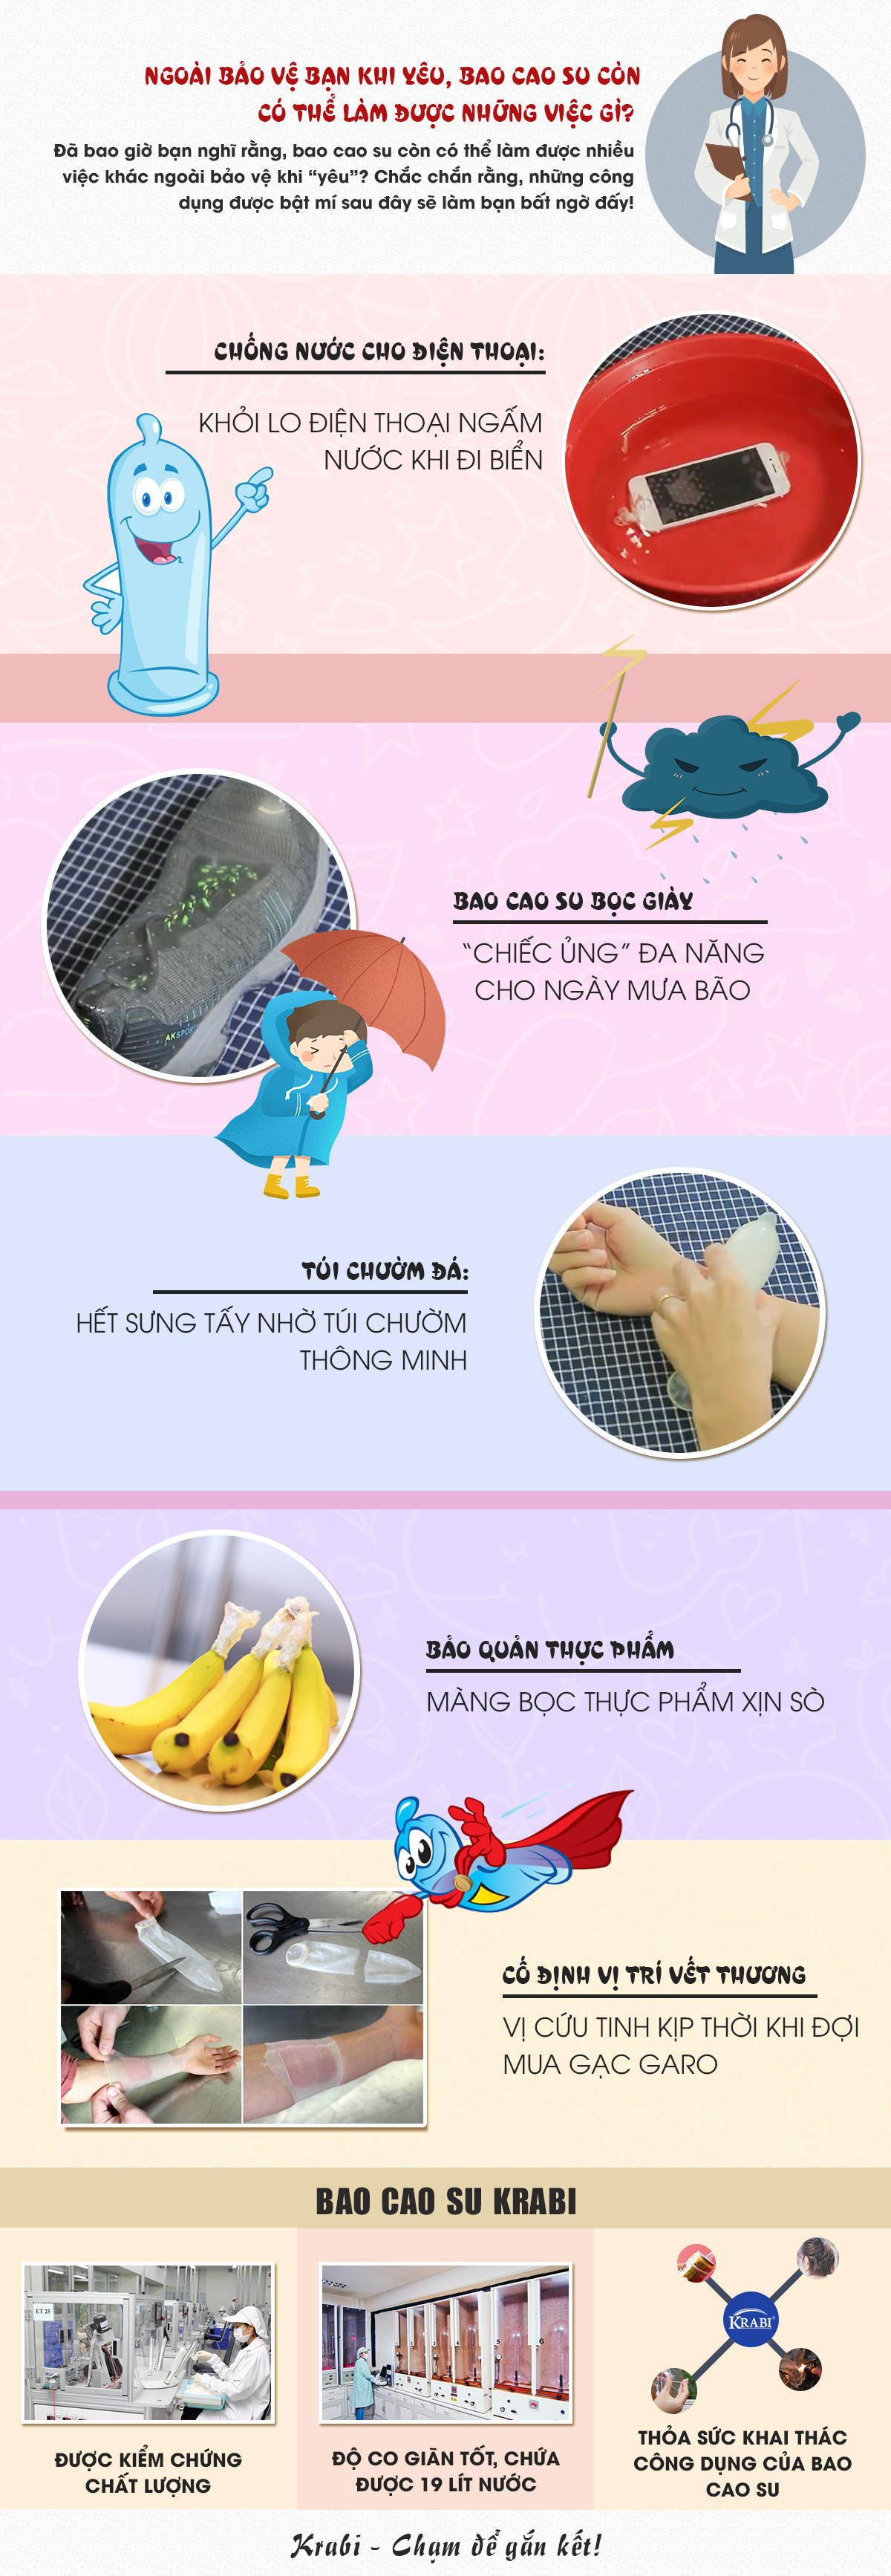 [Infographic] Ngoài bảo vệ bạn khi yêu, bao cao su còn có thể làm được những việc gì?